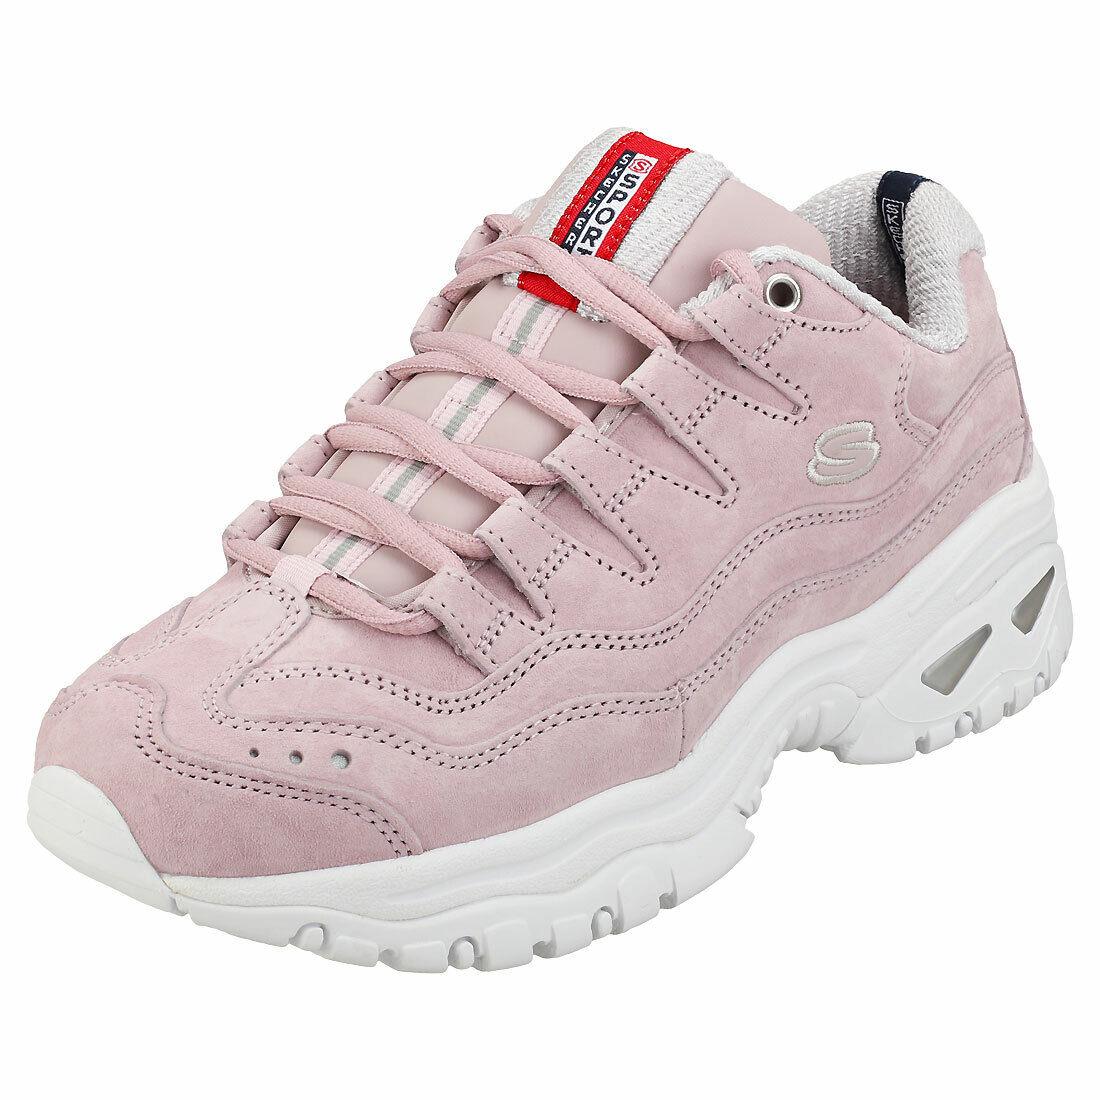 Adidas Arkyn W DA9604 braun Sneaker Schuhe